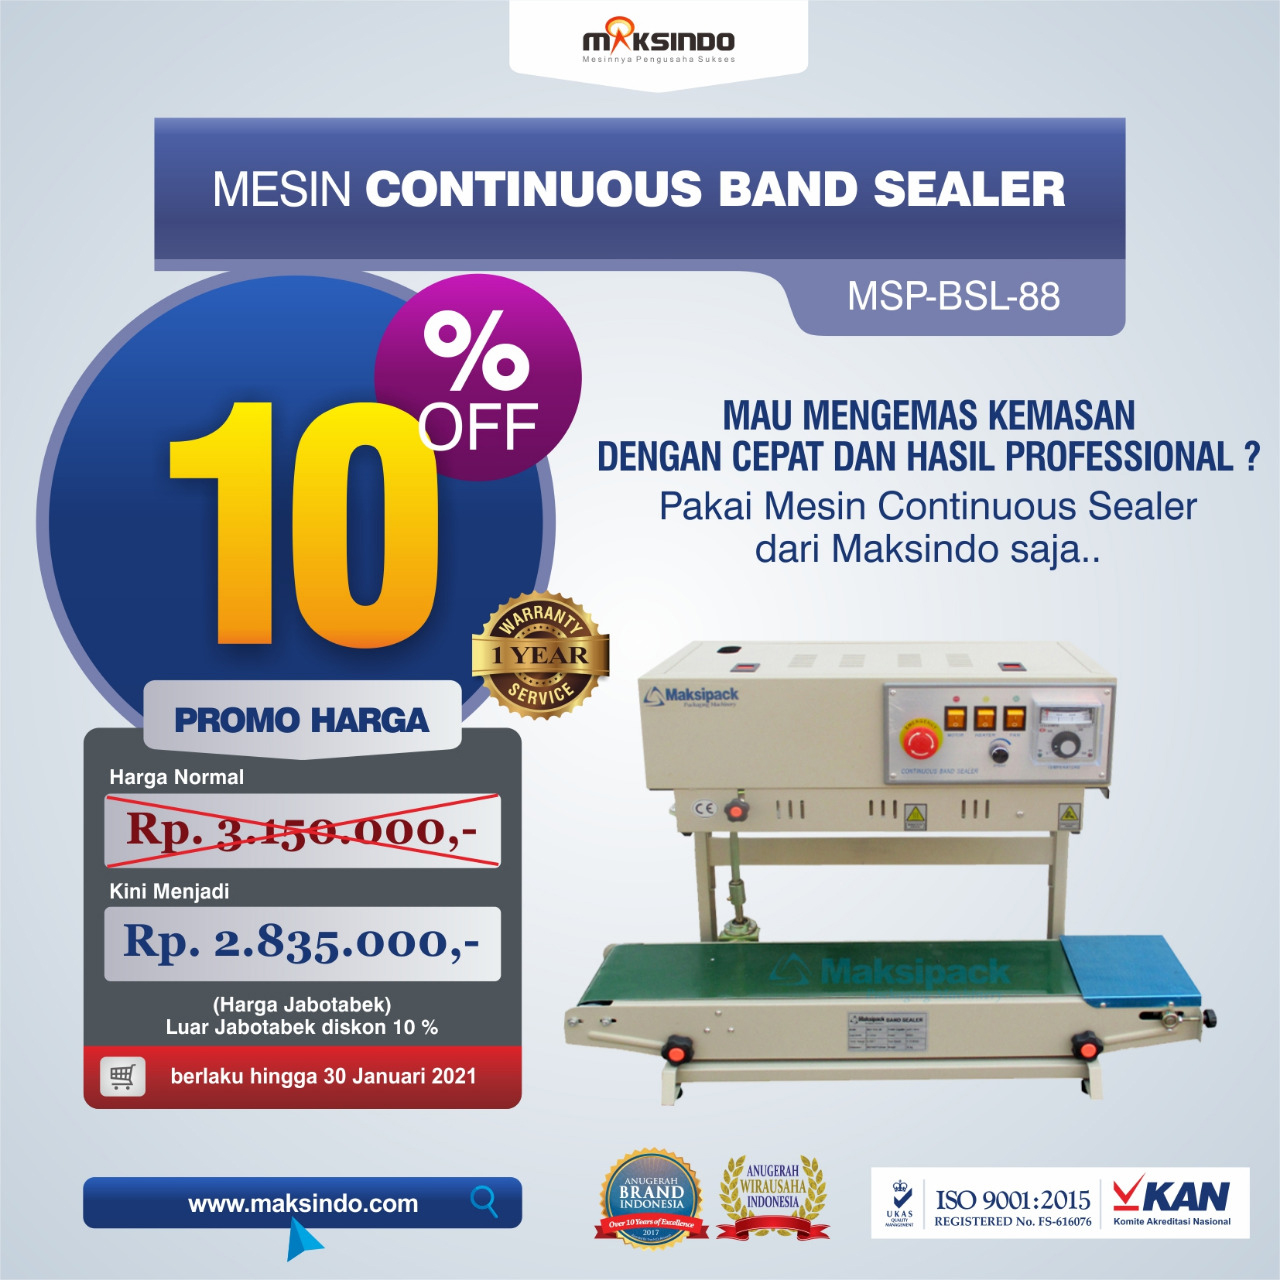 Jual Mesin Continuous Band Sealer MSP-BSL-88 Di Bekasi